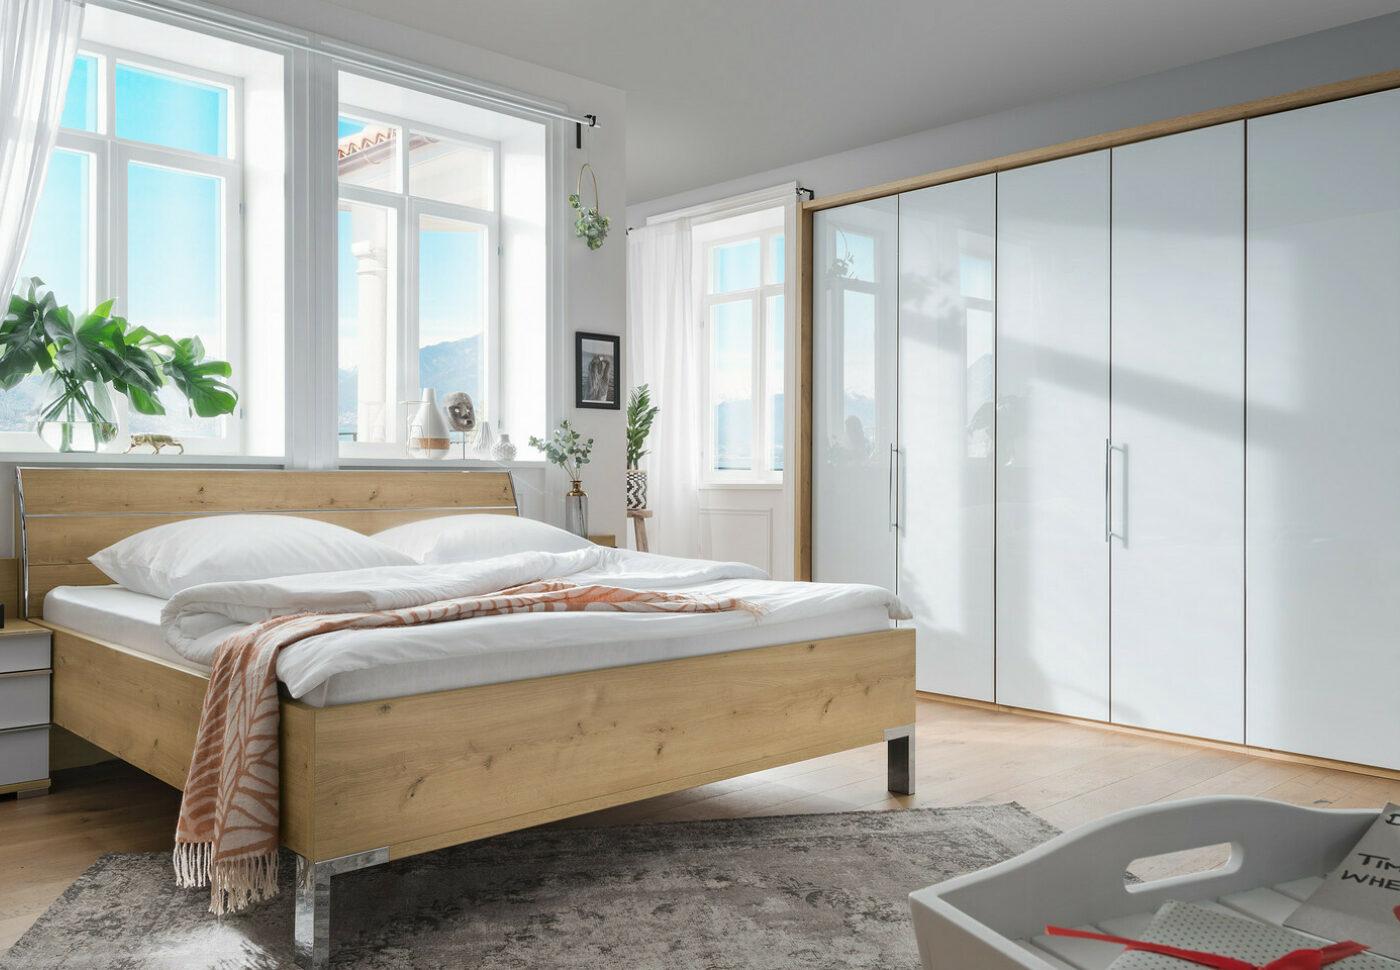 Csm Loft Schlafzimmer modern Bianco Eiche Nachbildung Glas weiss 4ffedf6f44